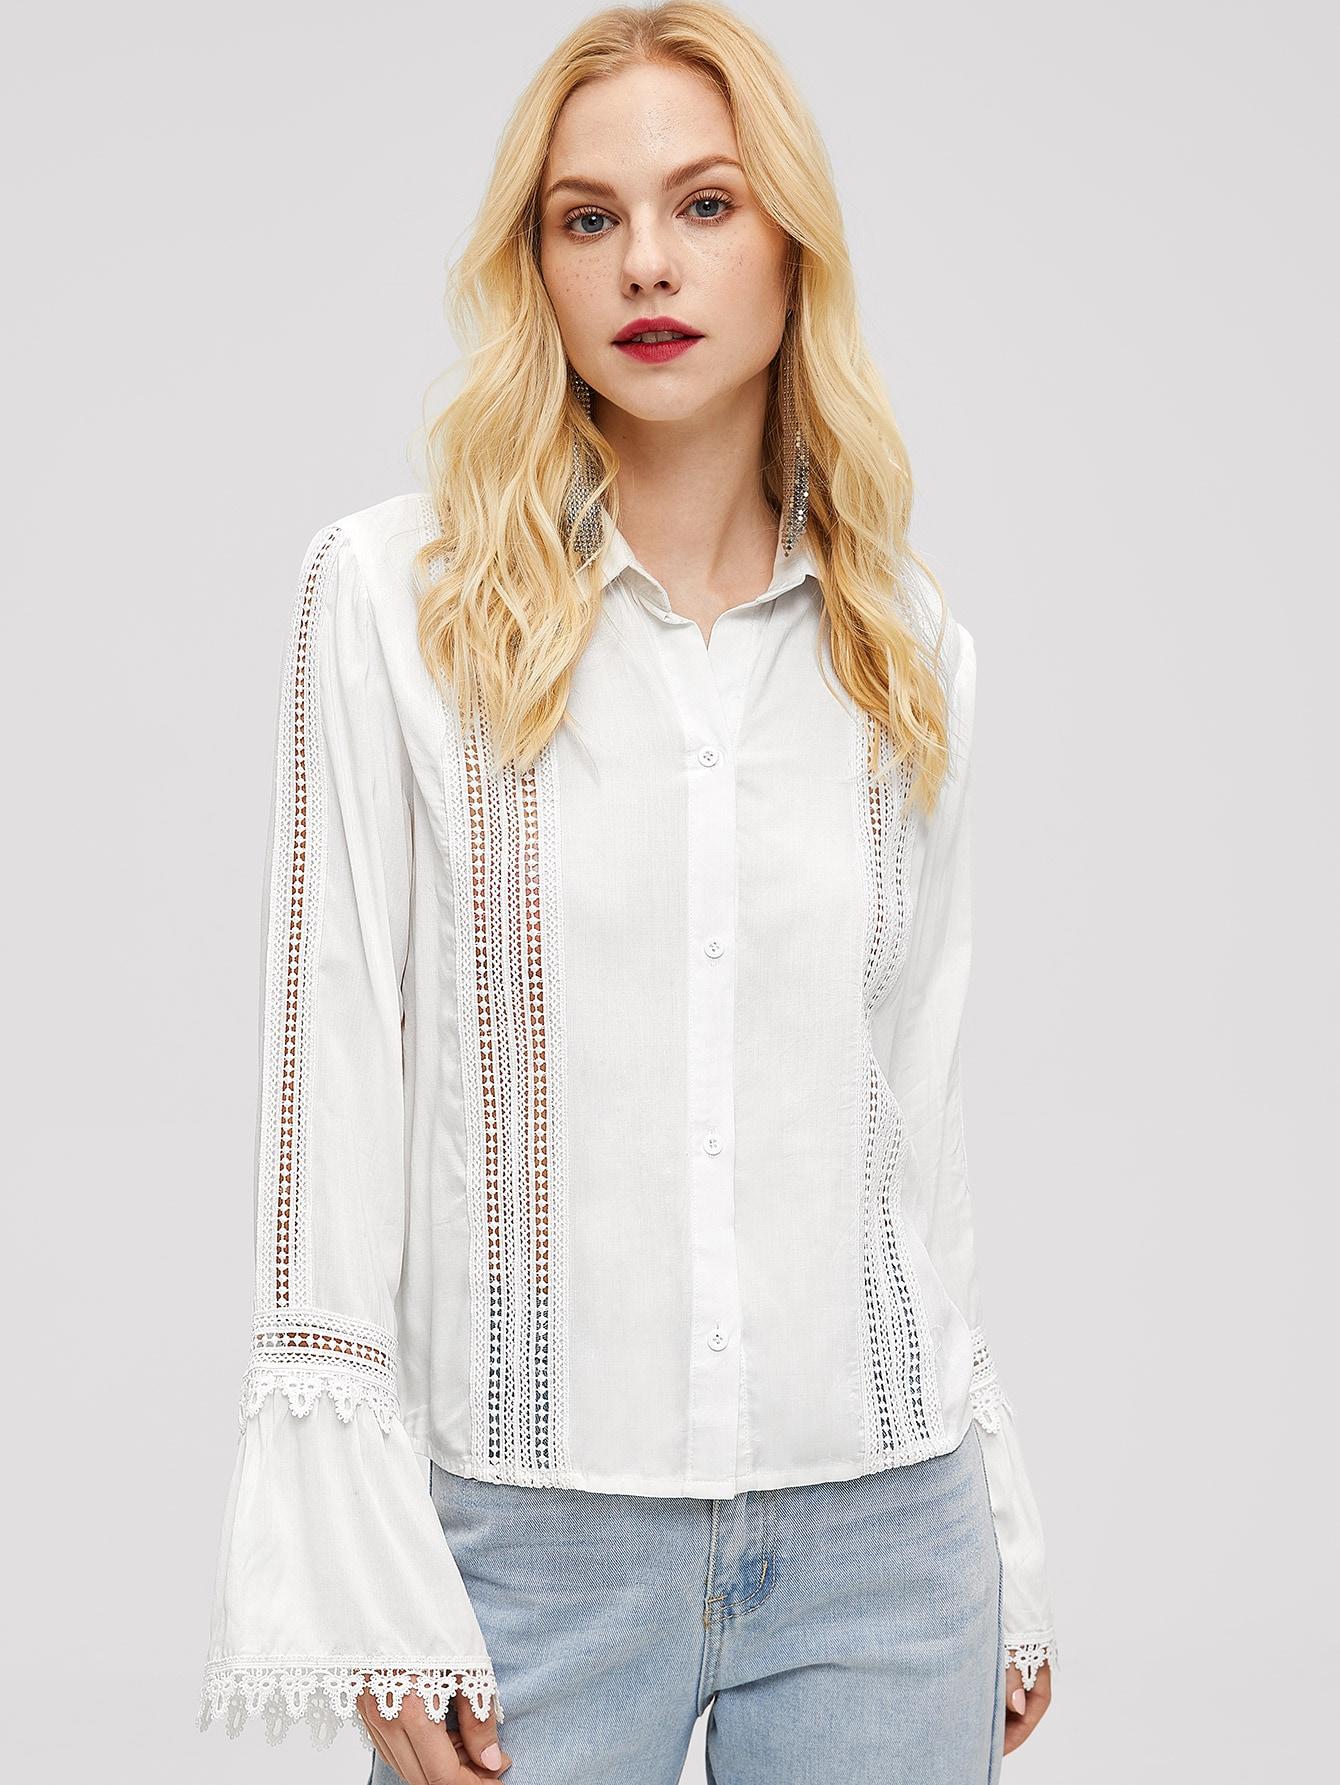 Купить Блузка с оригинальным рукавом и кружевом, Denisa, SheIn